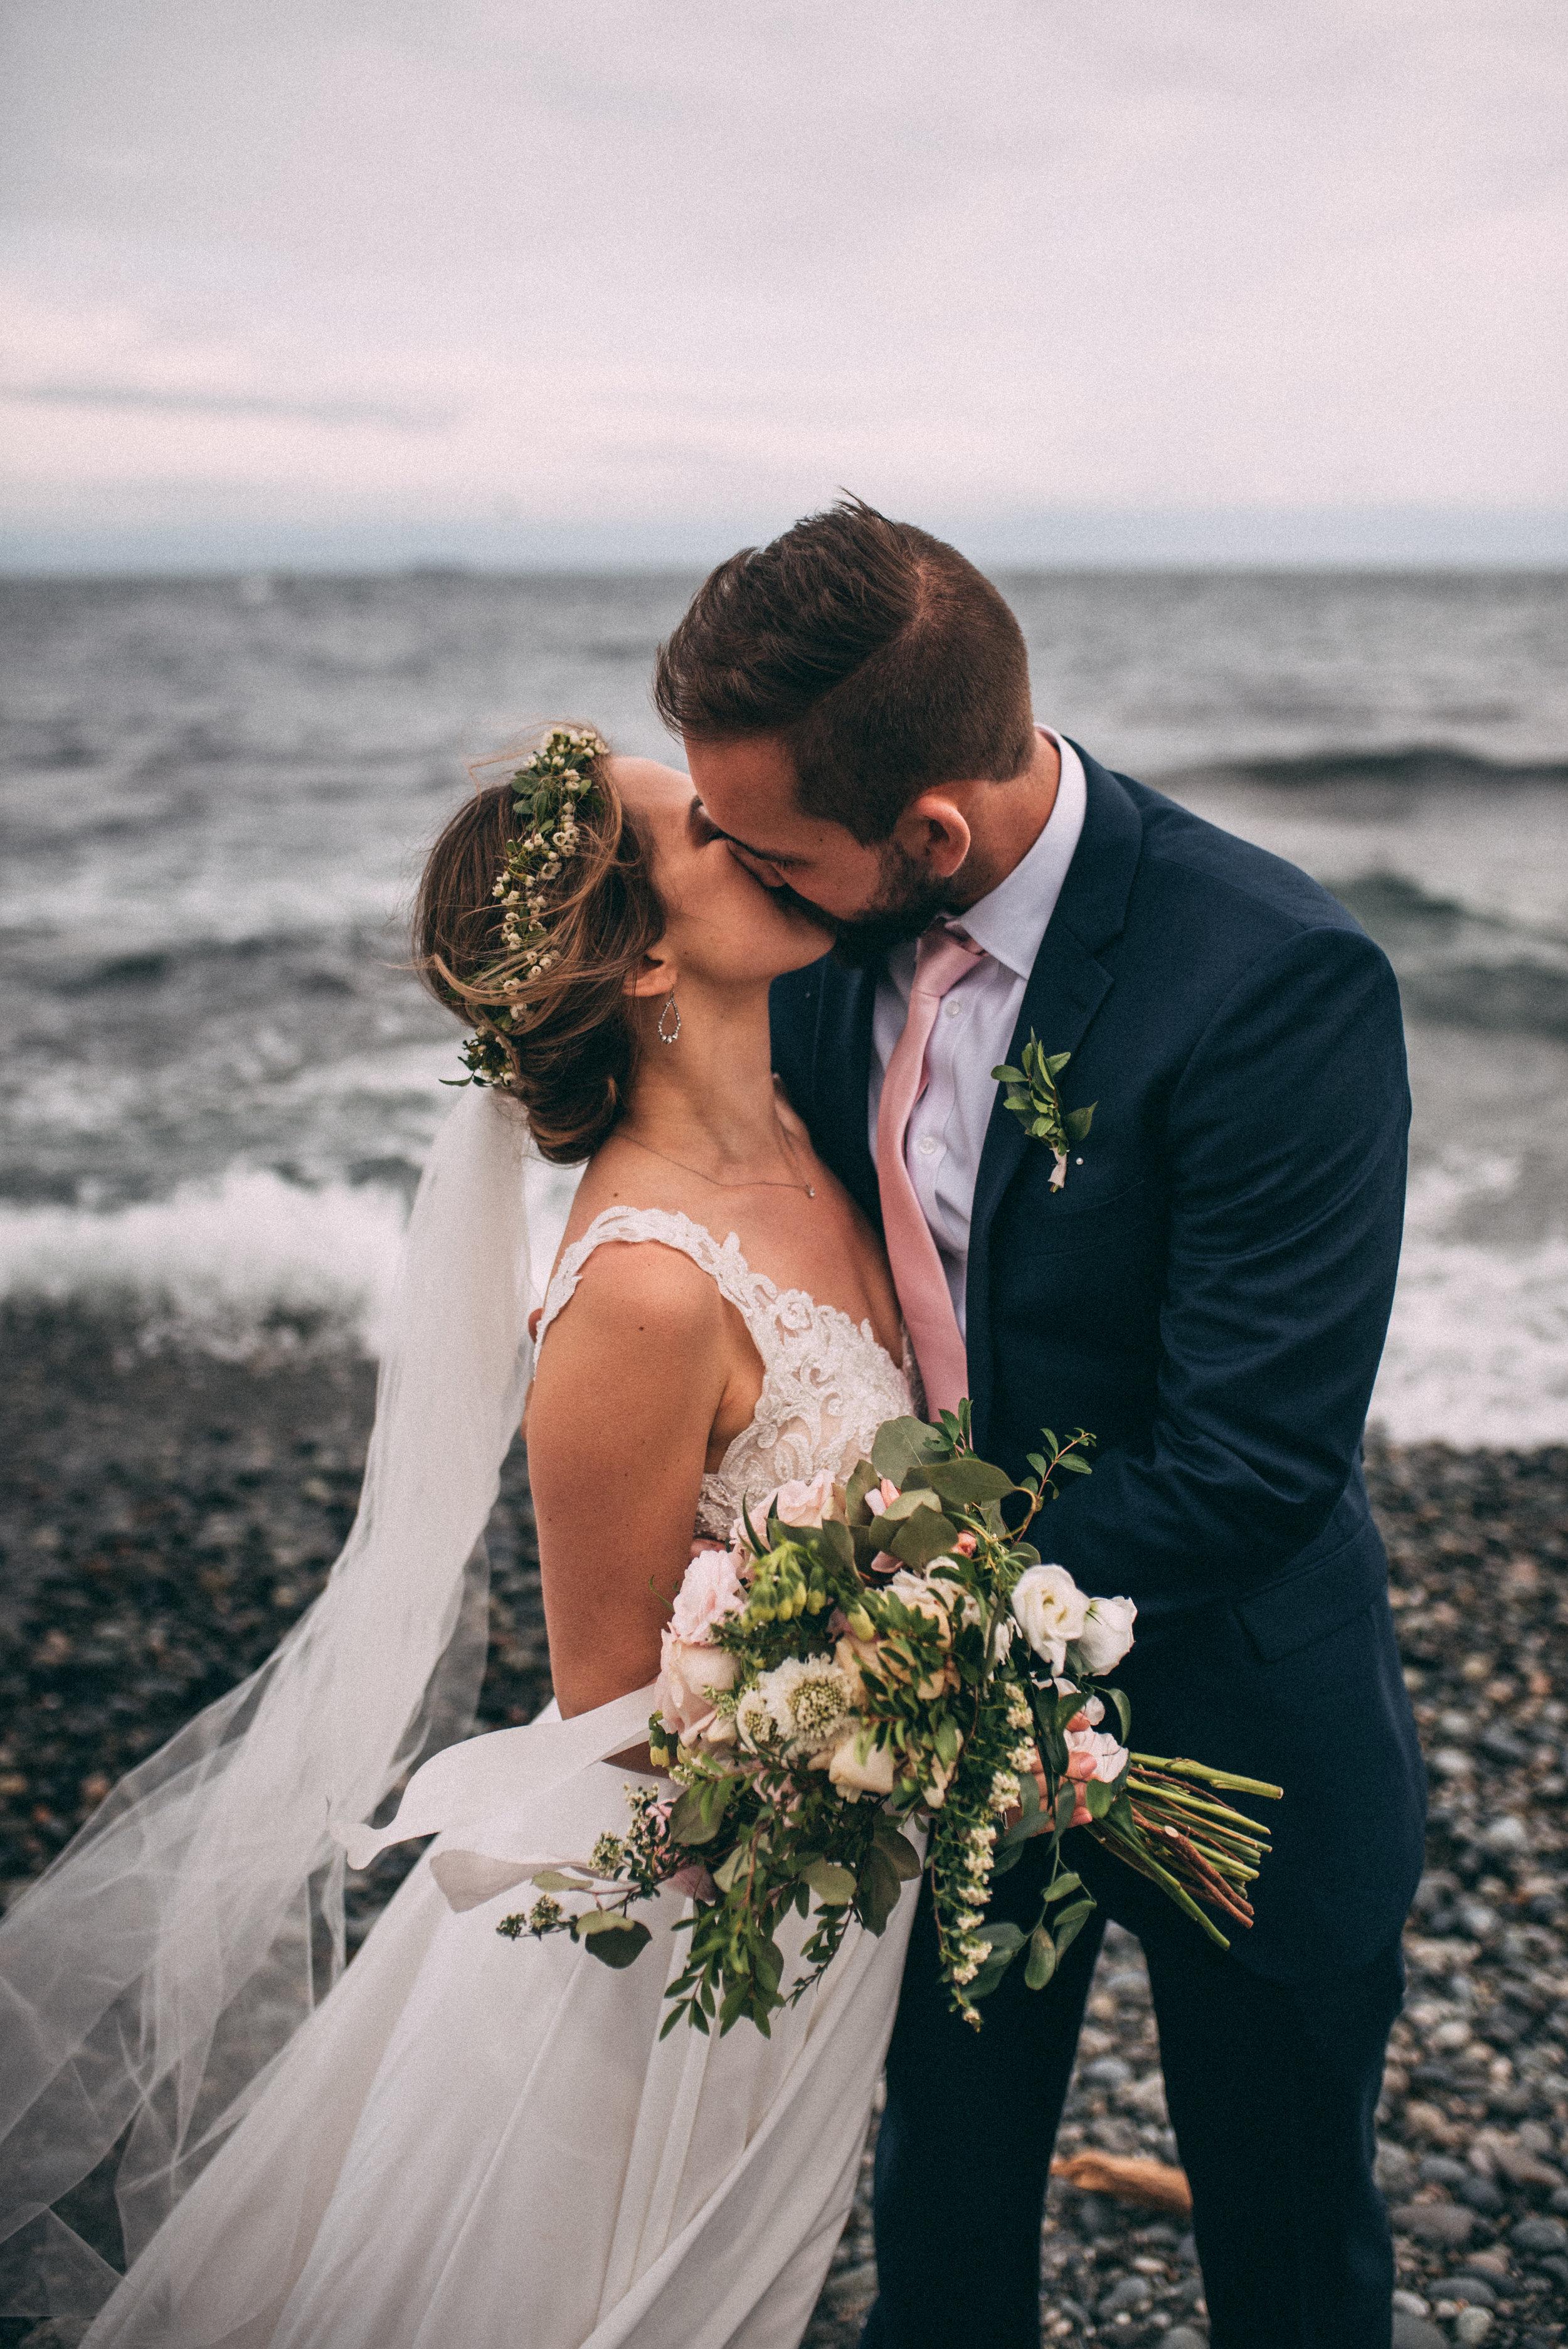 Amanda&EricMoisanVictoriaWedding-May26,2018-LauraOlsonPhotography-7852.jpg